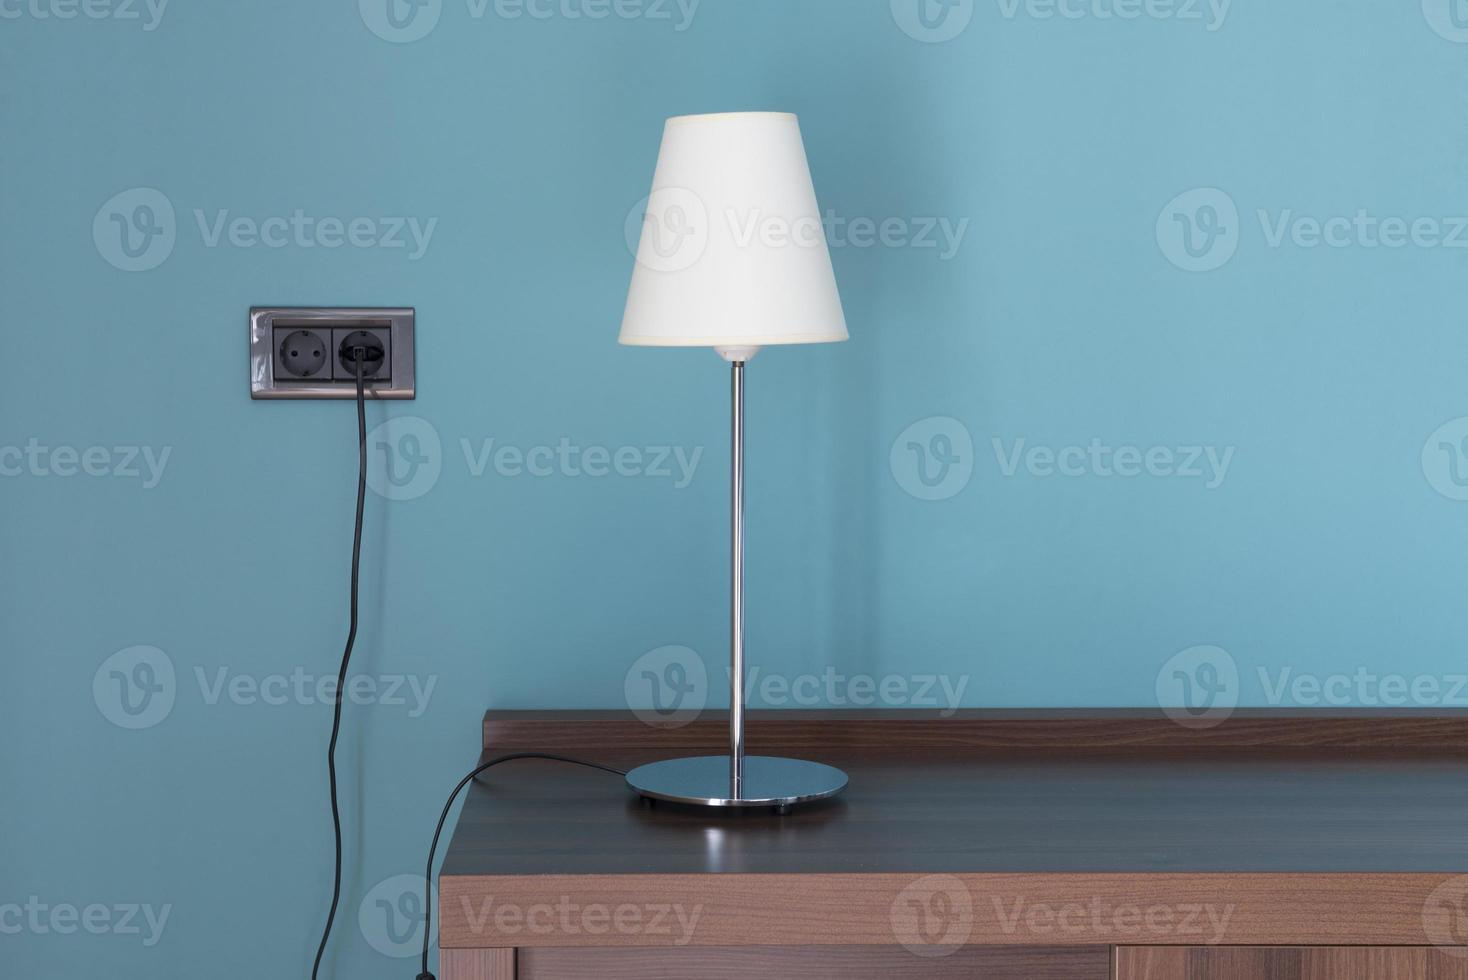 lampada con paralume bianco su un tavolo di legno con sfondo blu foto